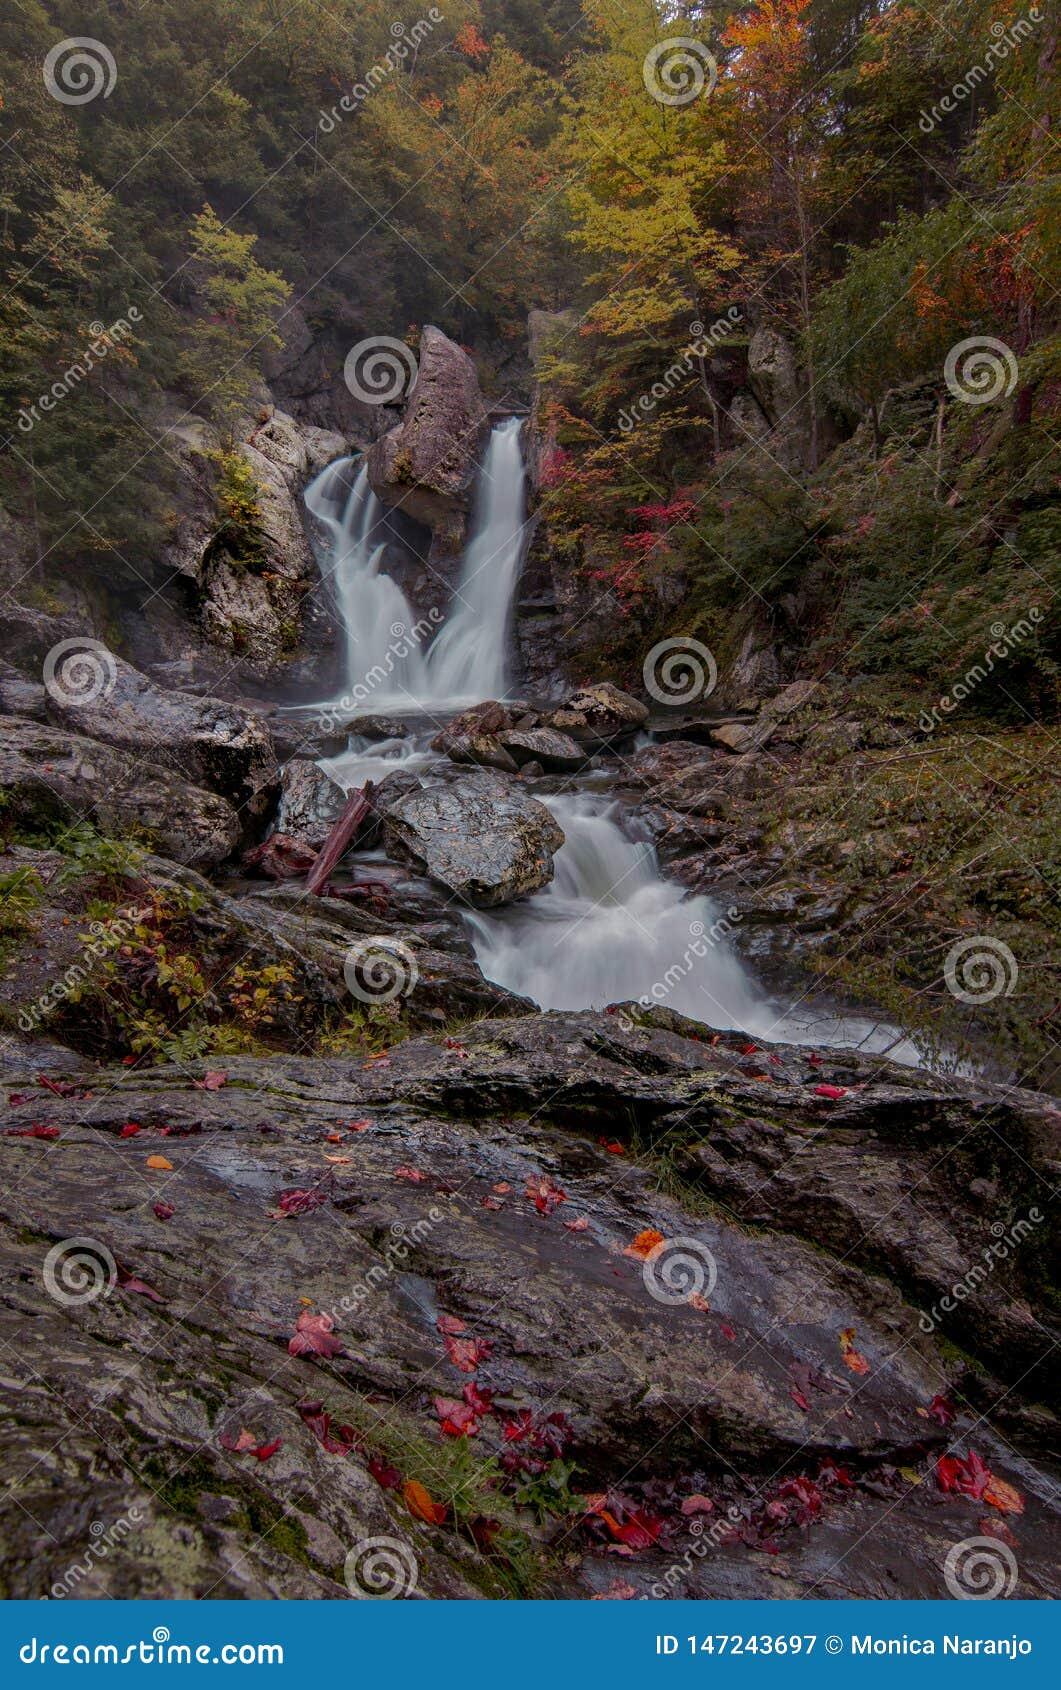 Fall in Bish-Nationalpark des heftigen Schlags - Porträt